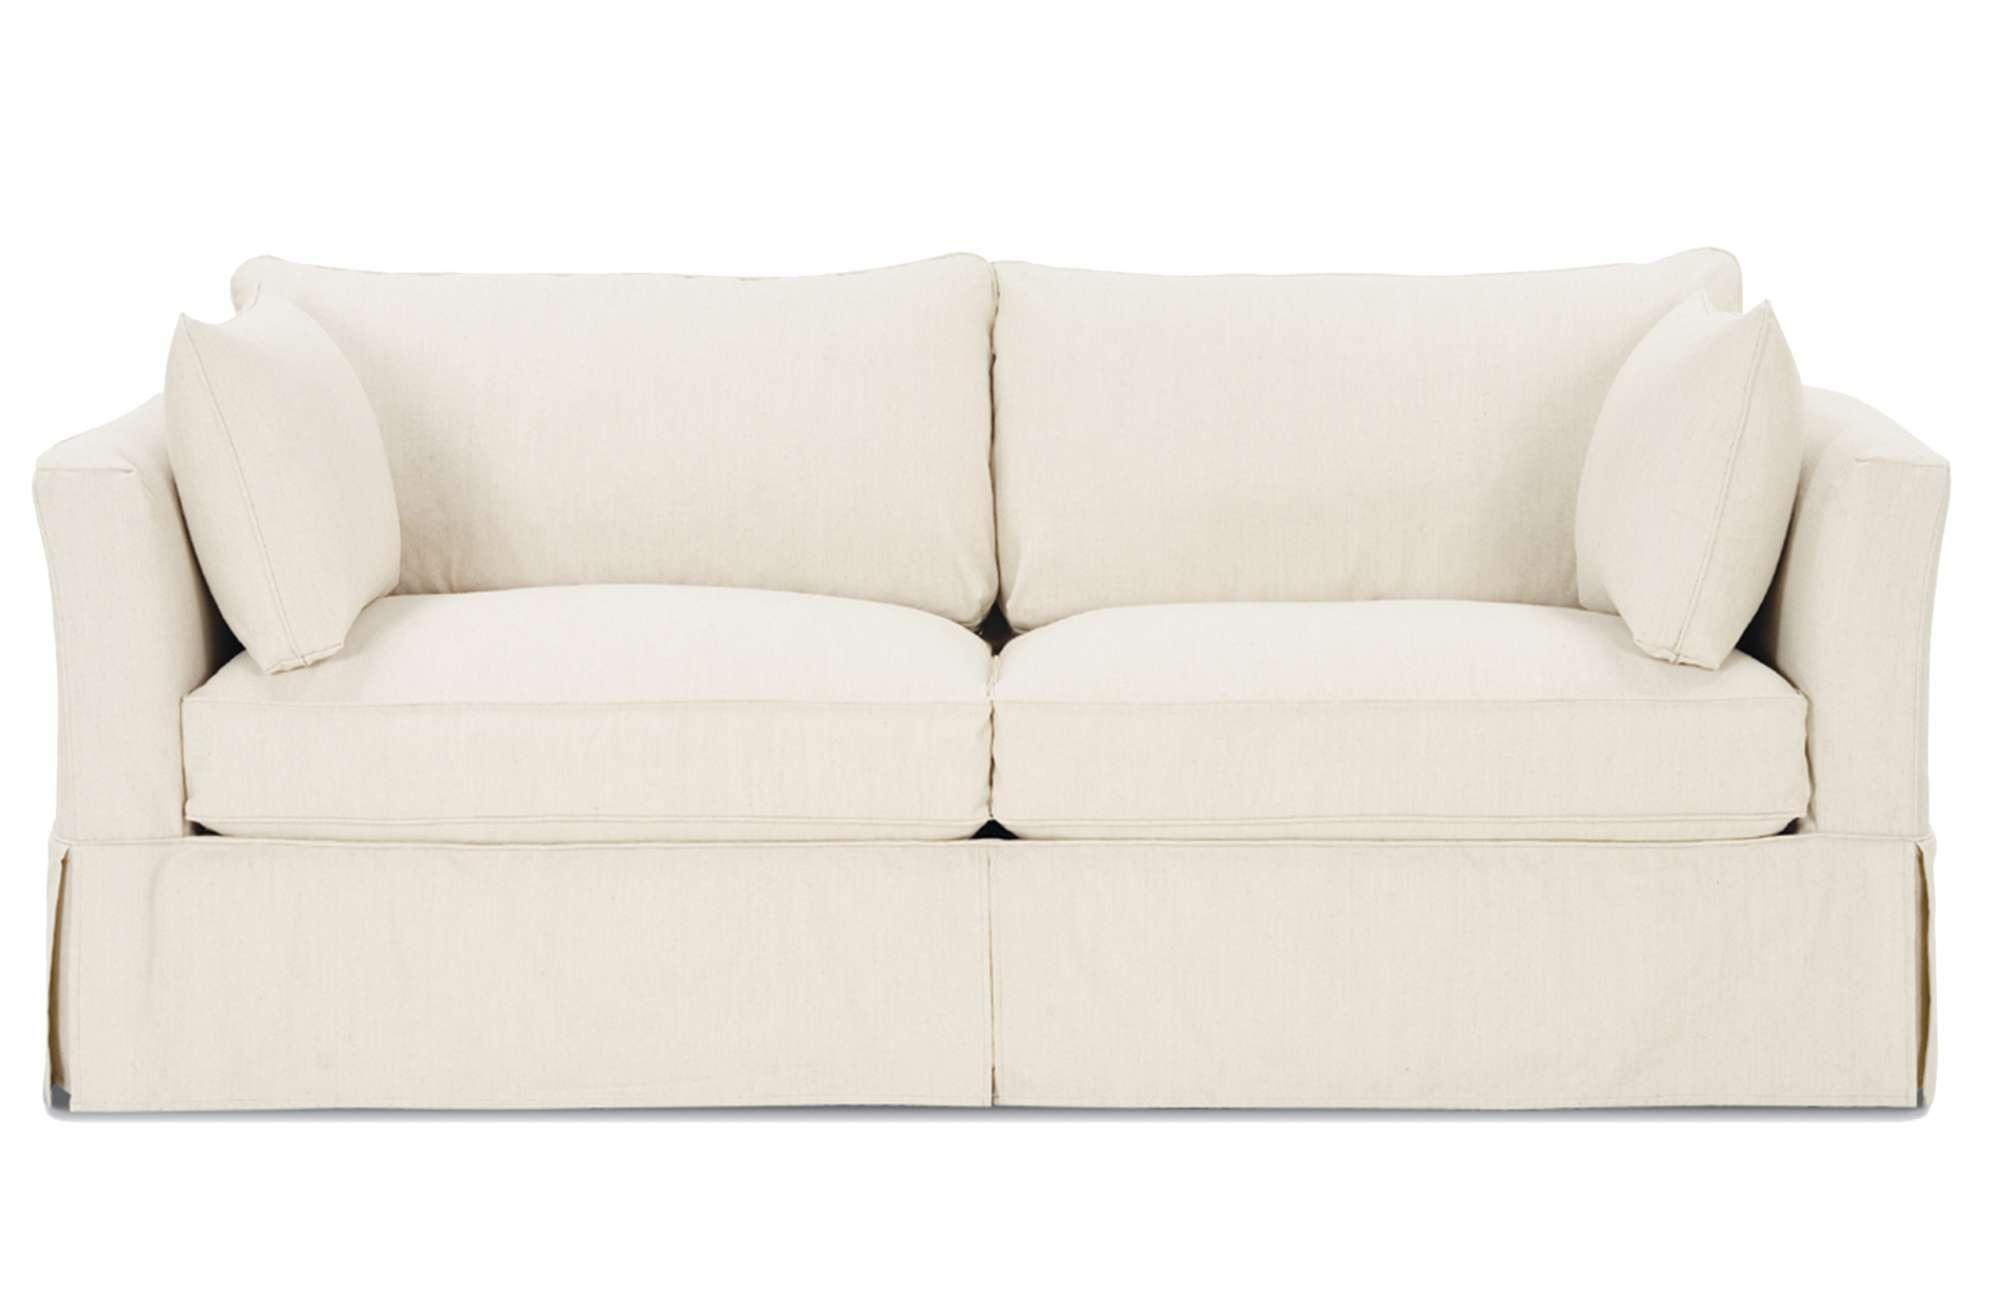 Slipcover Sleeper Sofa – Interior Design Intended For Slipcovers For Sleeper Sofas (View 7 of 20)